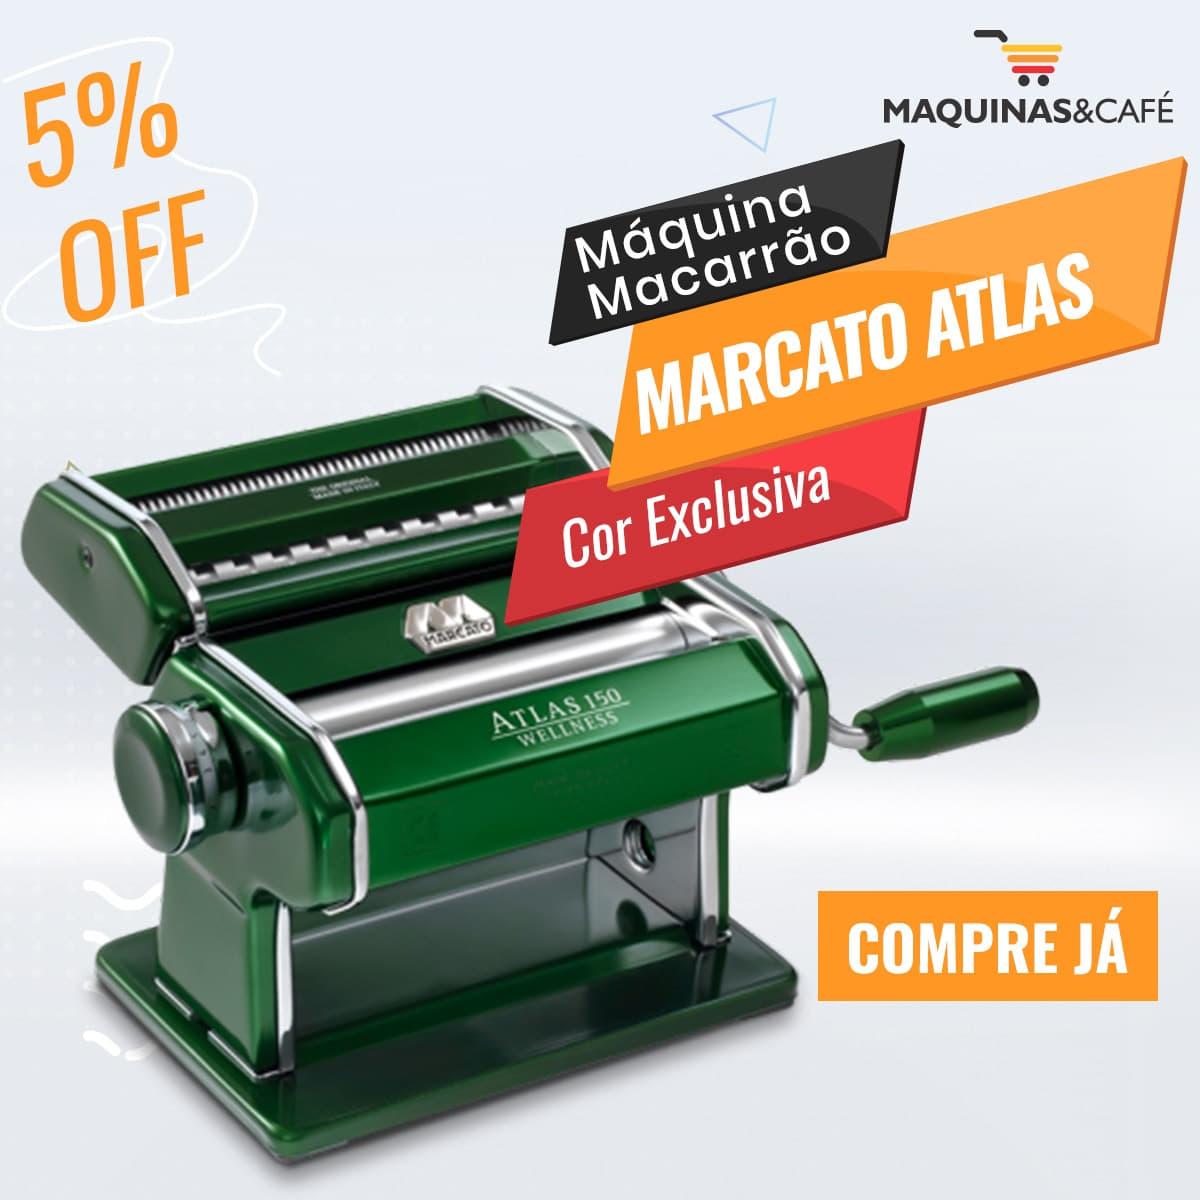 marcato massas macarrão atlas